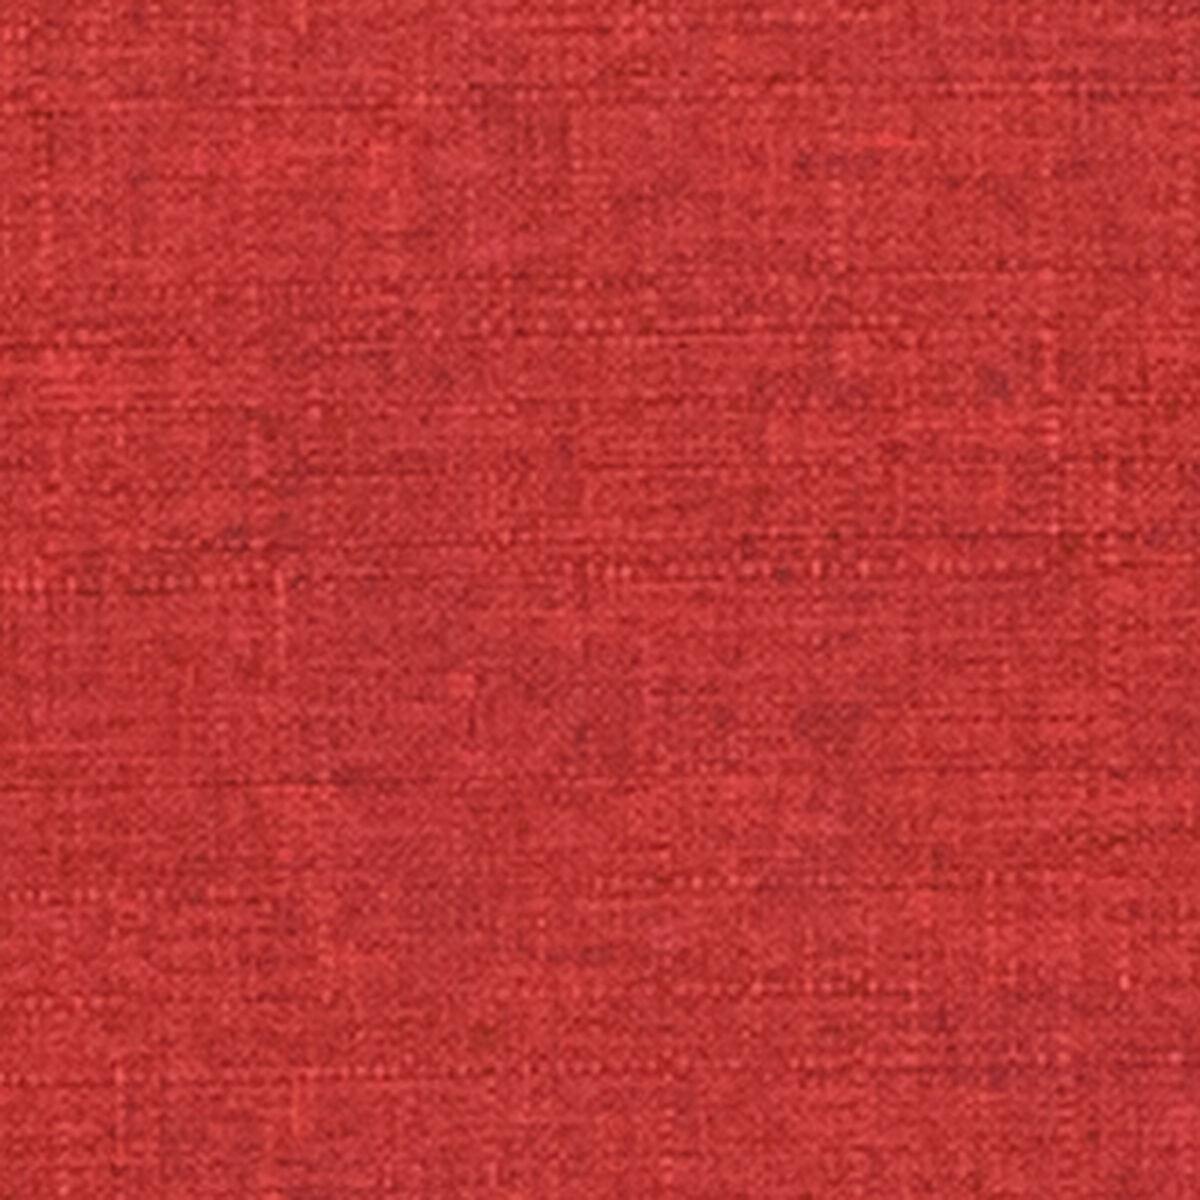 crimson fabric church chair fd ch0221 4 sv red bas gg